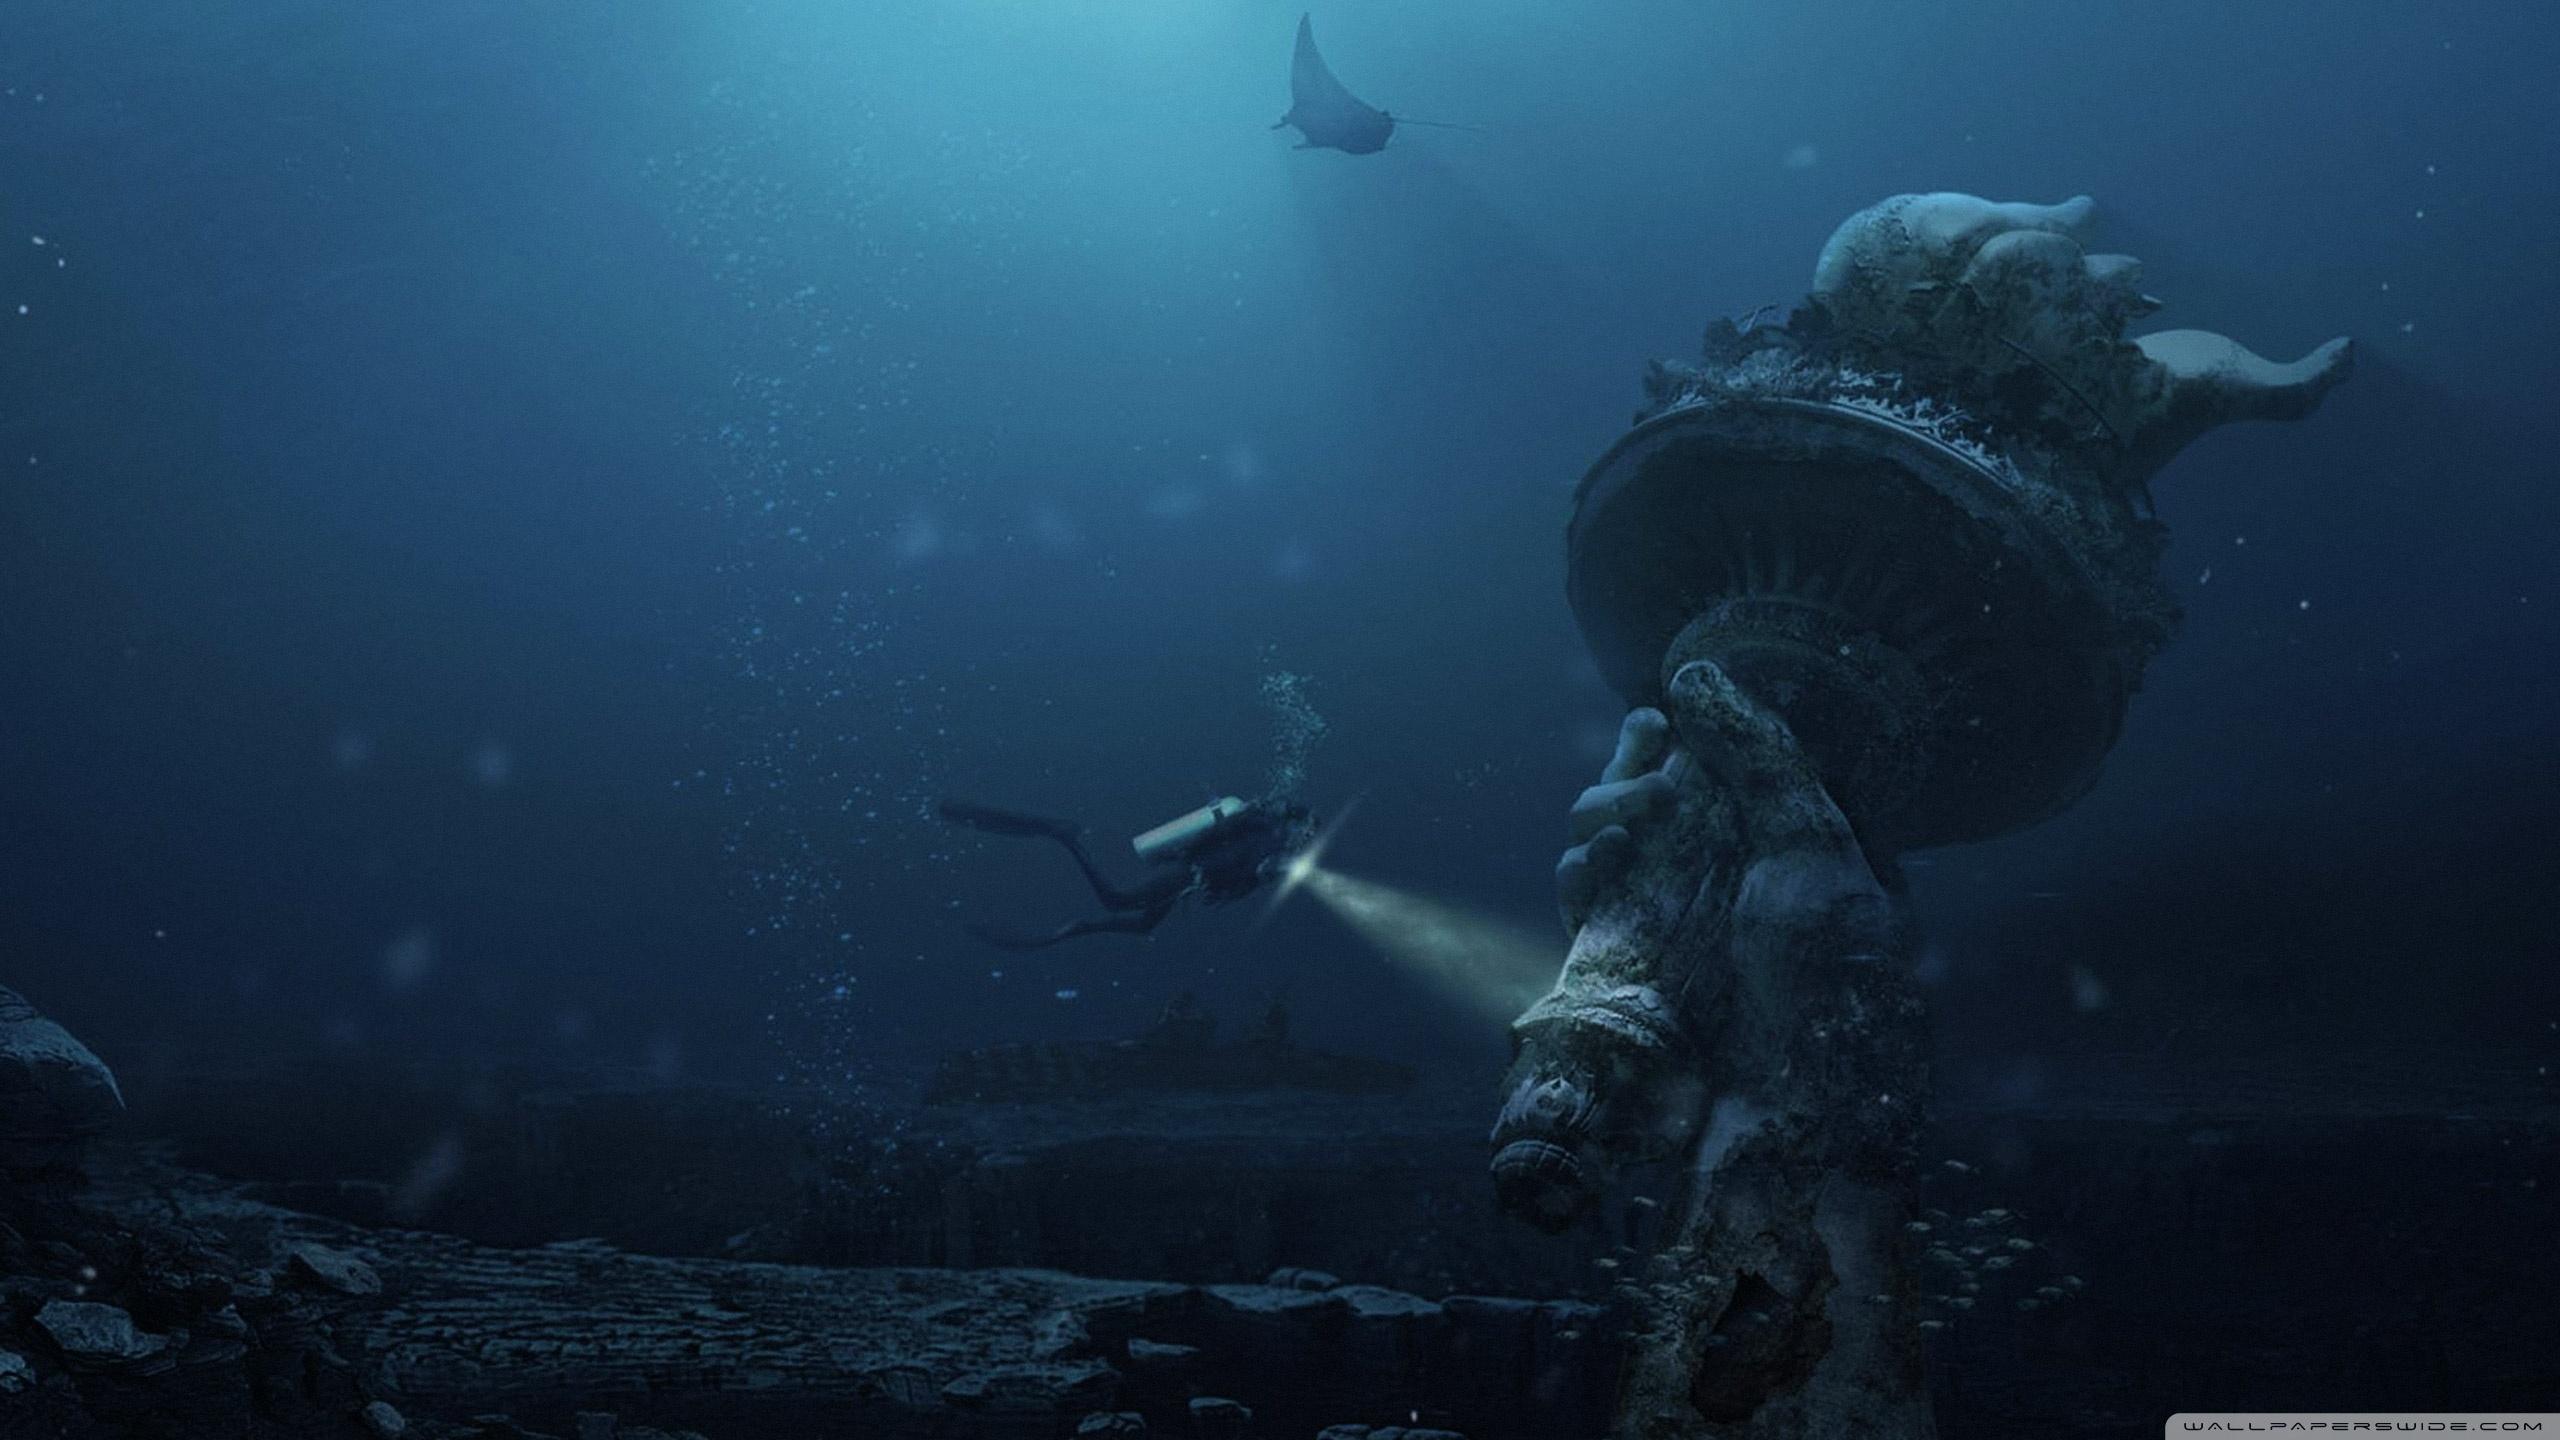 Underwater Ruins 4K HD Desktop Wallpaper for 4K Ultra HD TV 2560x1440